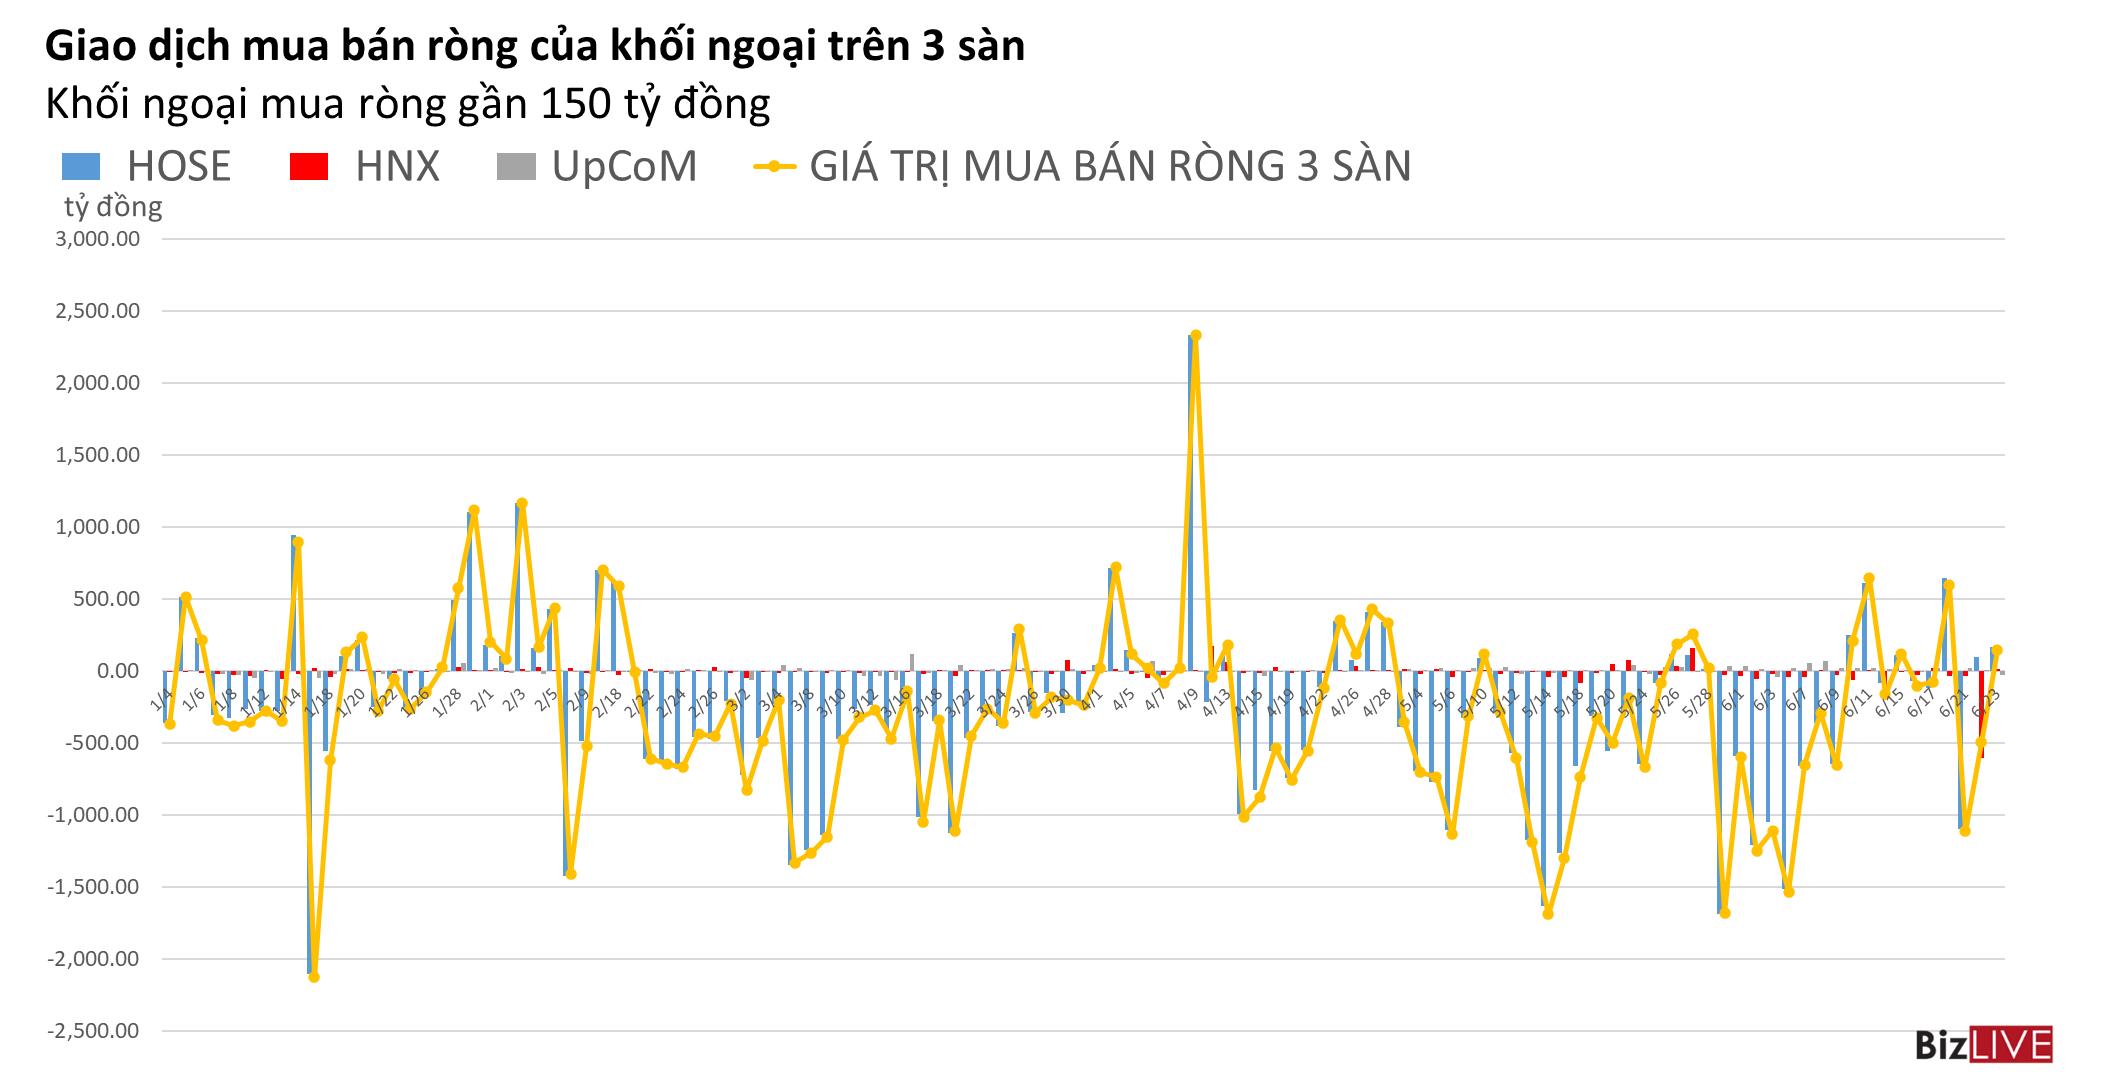 Phiên 23/6: Mua ròng gần 150 tỷ đồng, khối ngoại vẫn làm xáo trộn thị trường